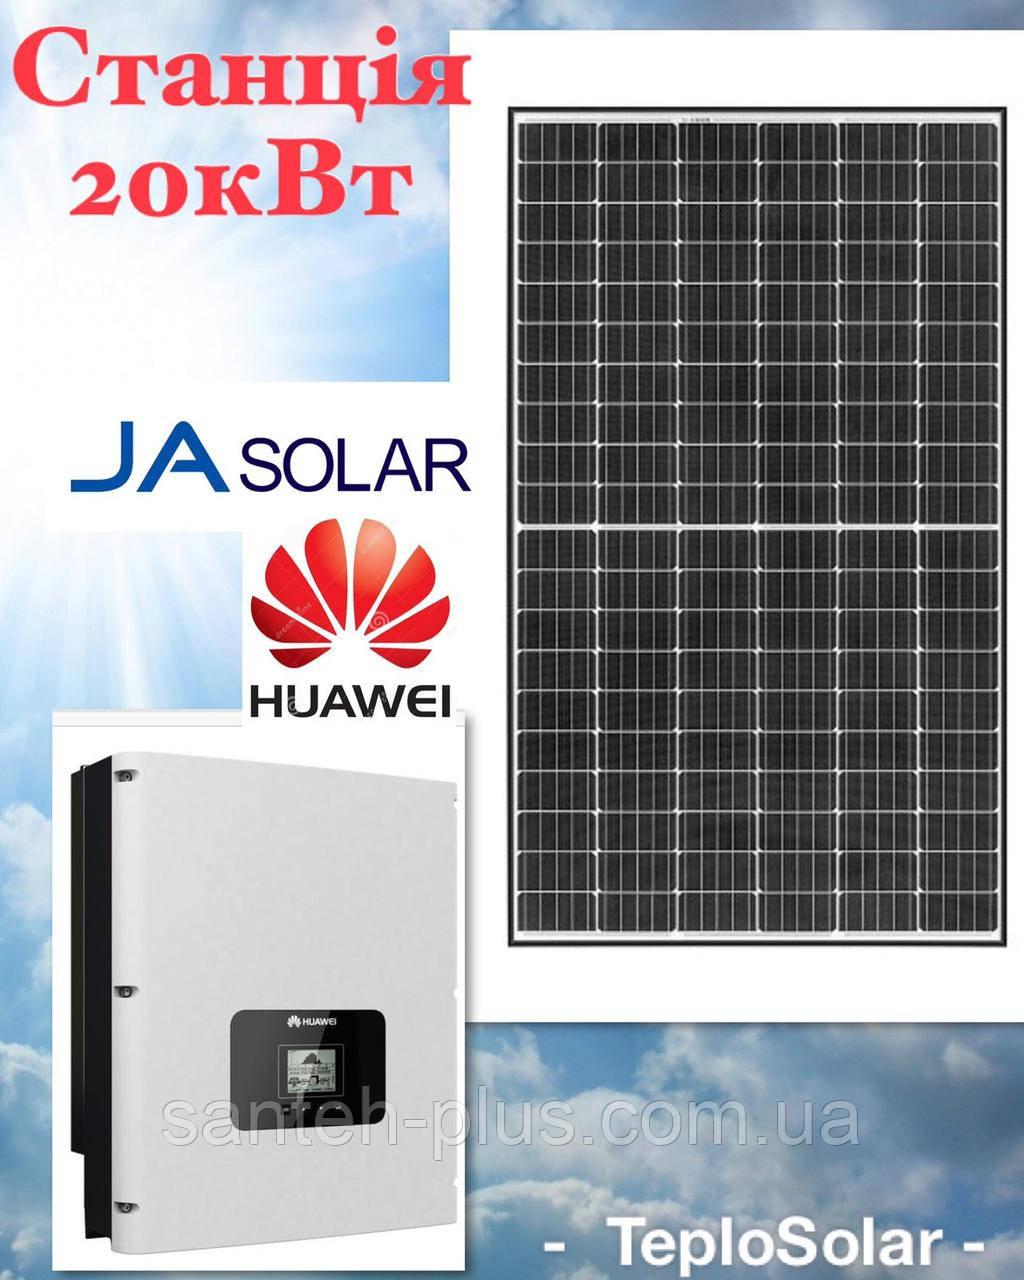 Сонячна станція 20кВт, інвертор Huawei, панелі JaSolar